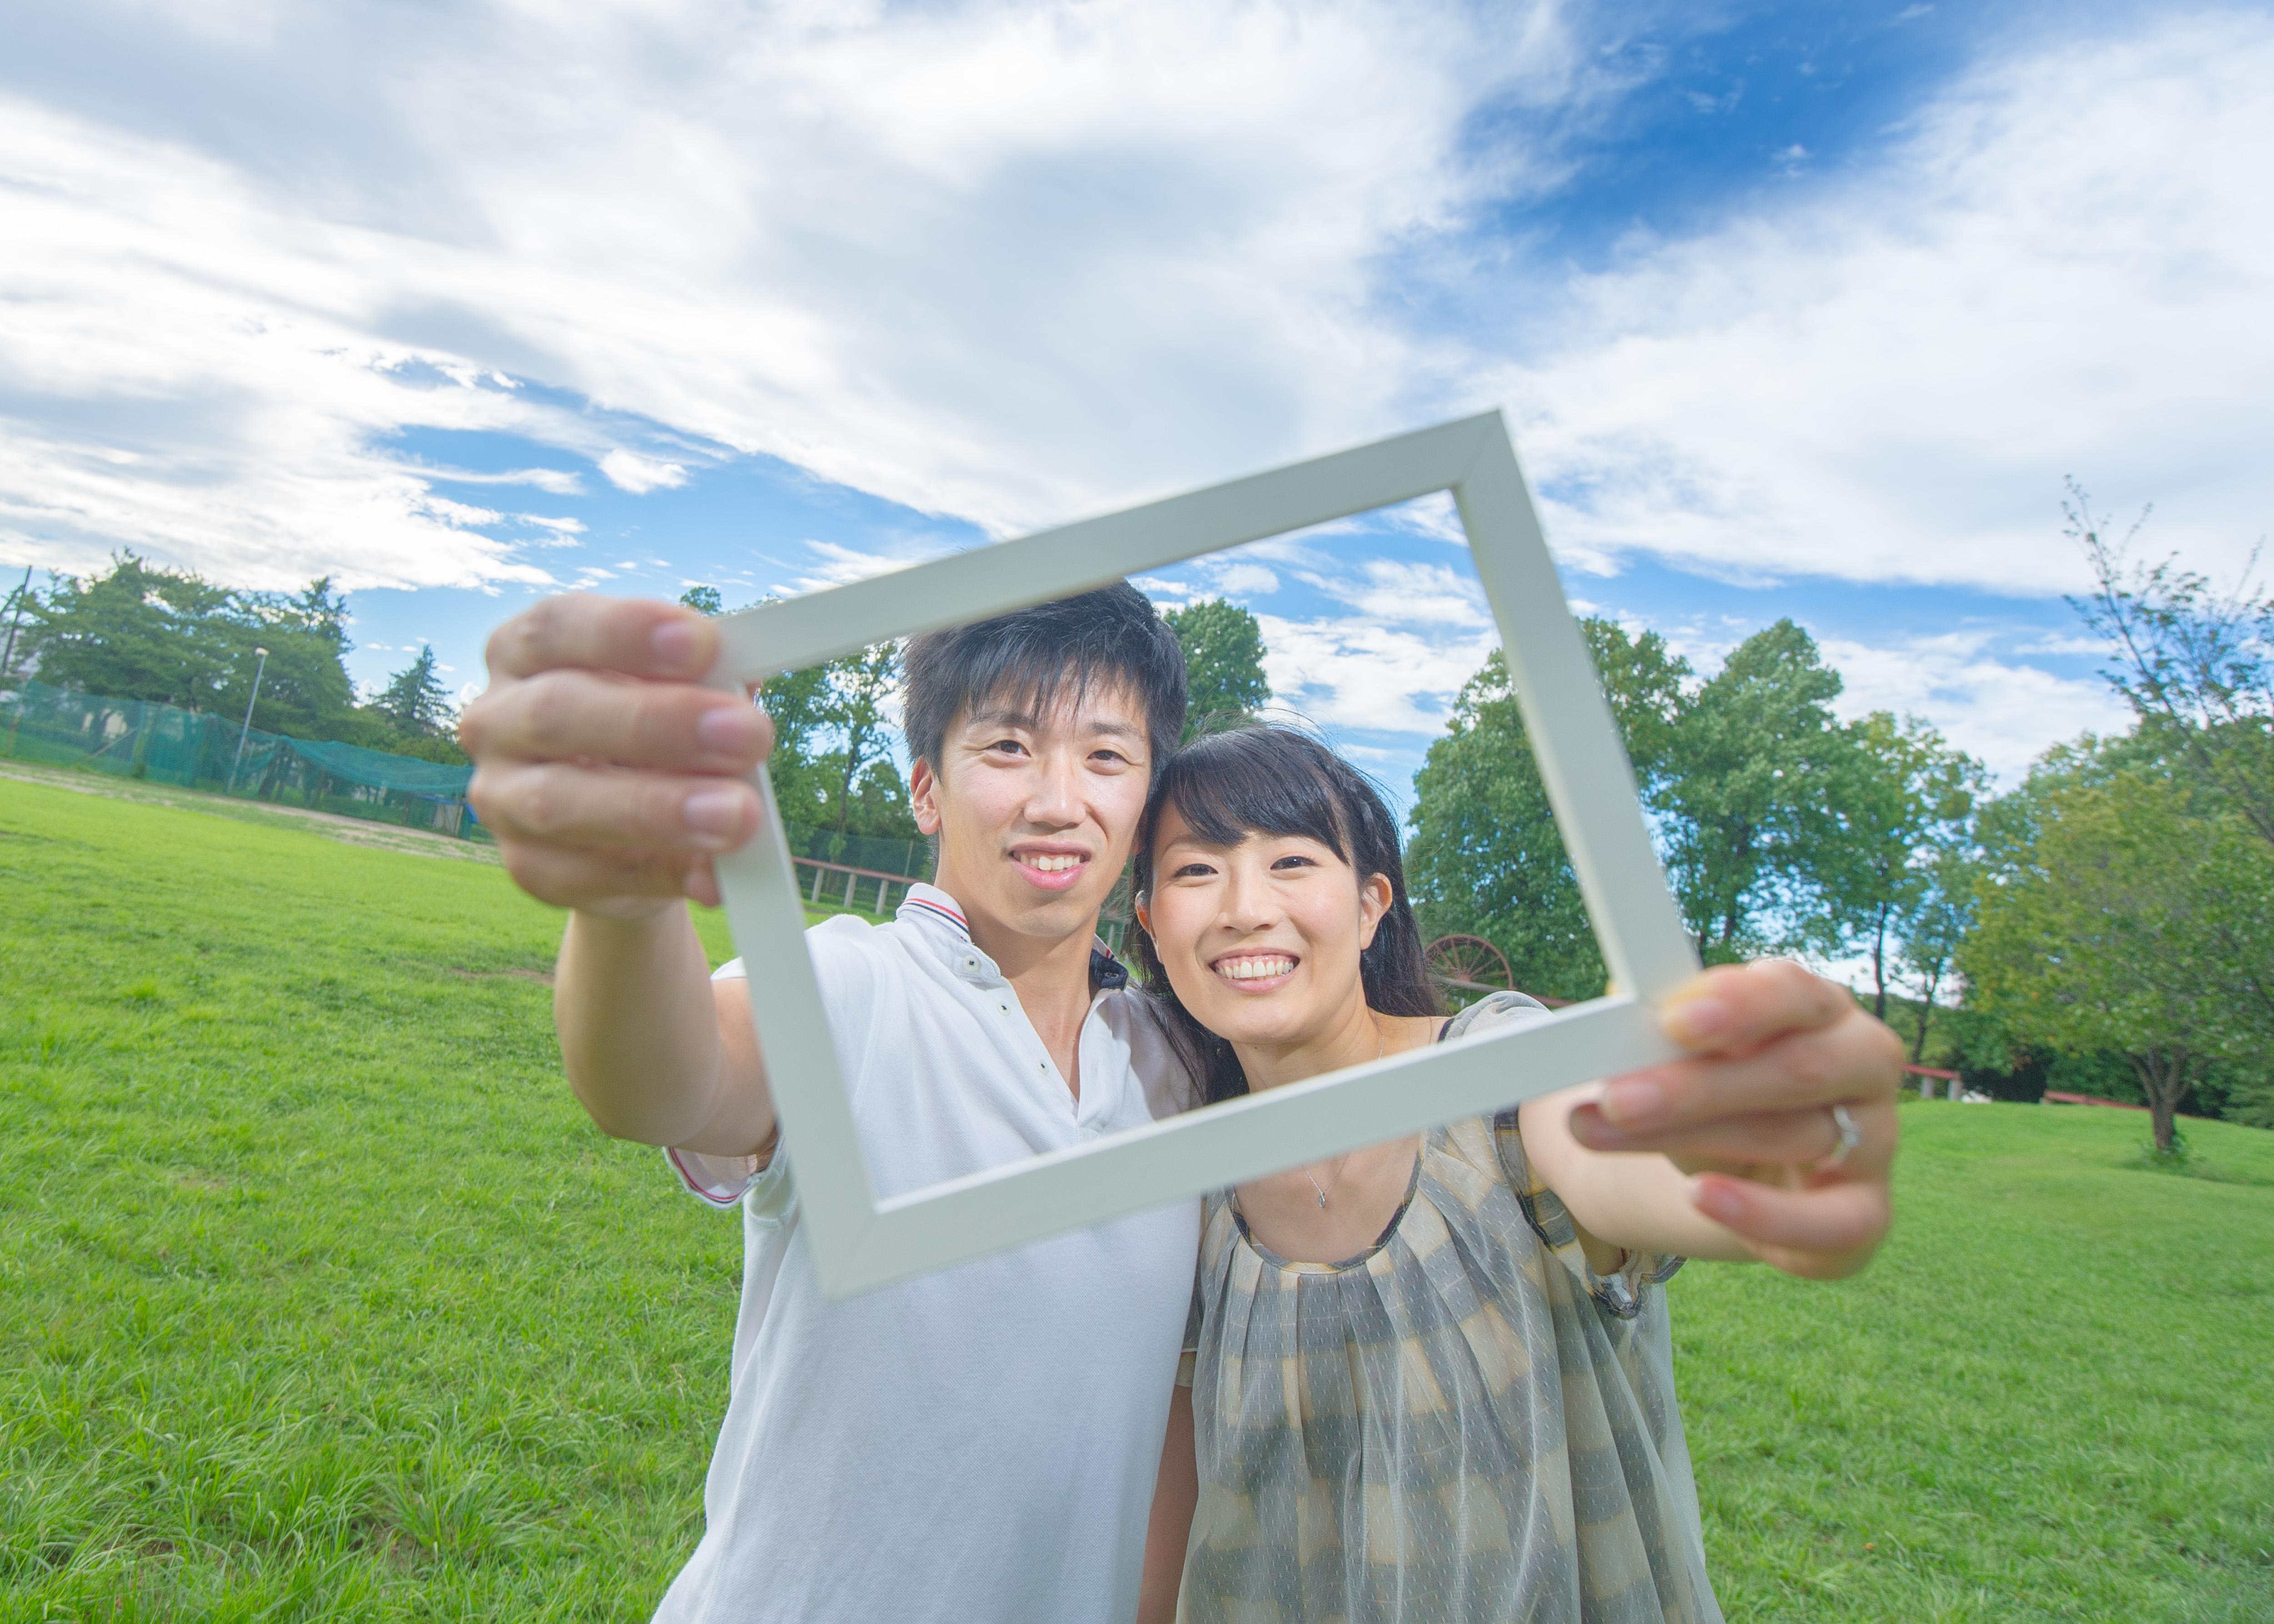 カップルフォト【カメラマン2】 イメージ